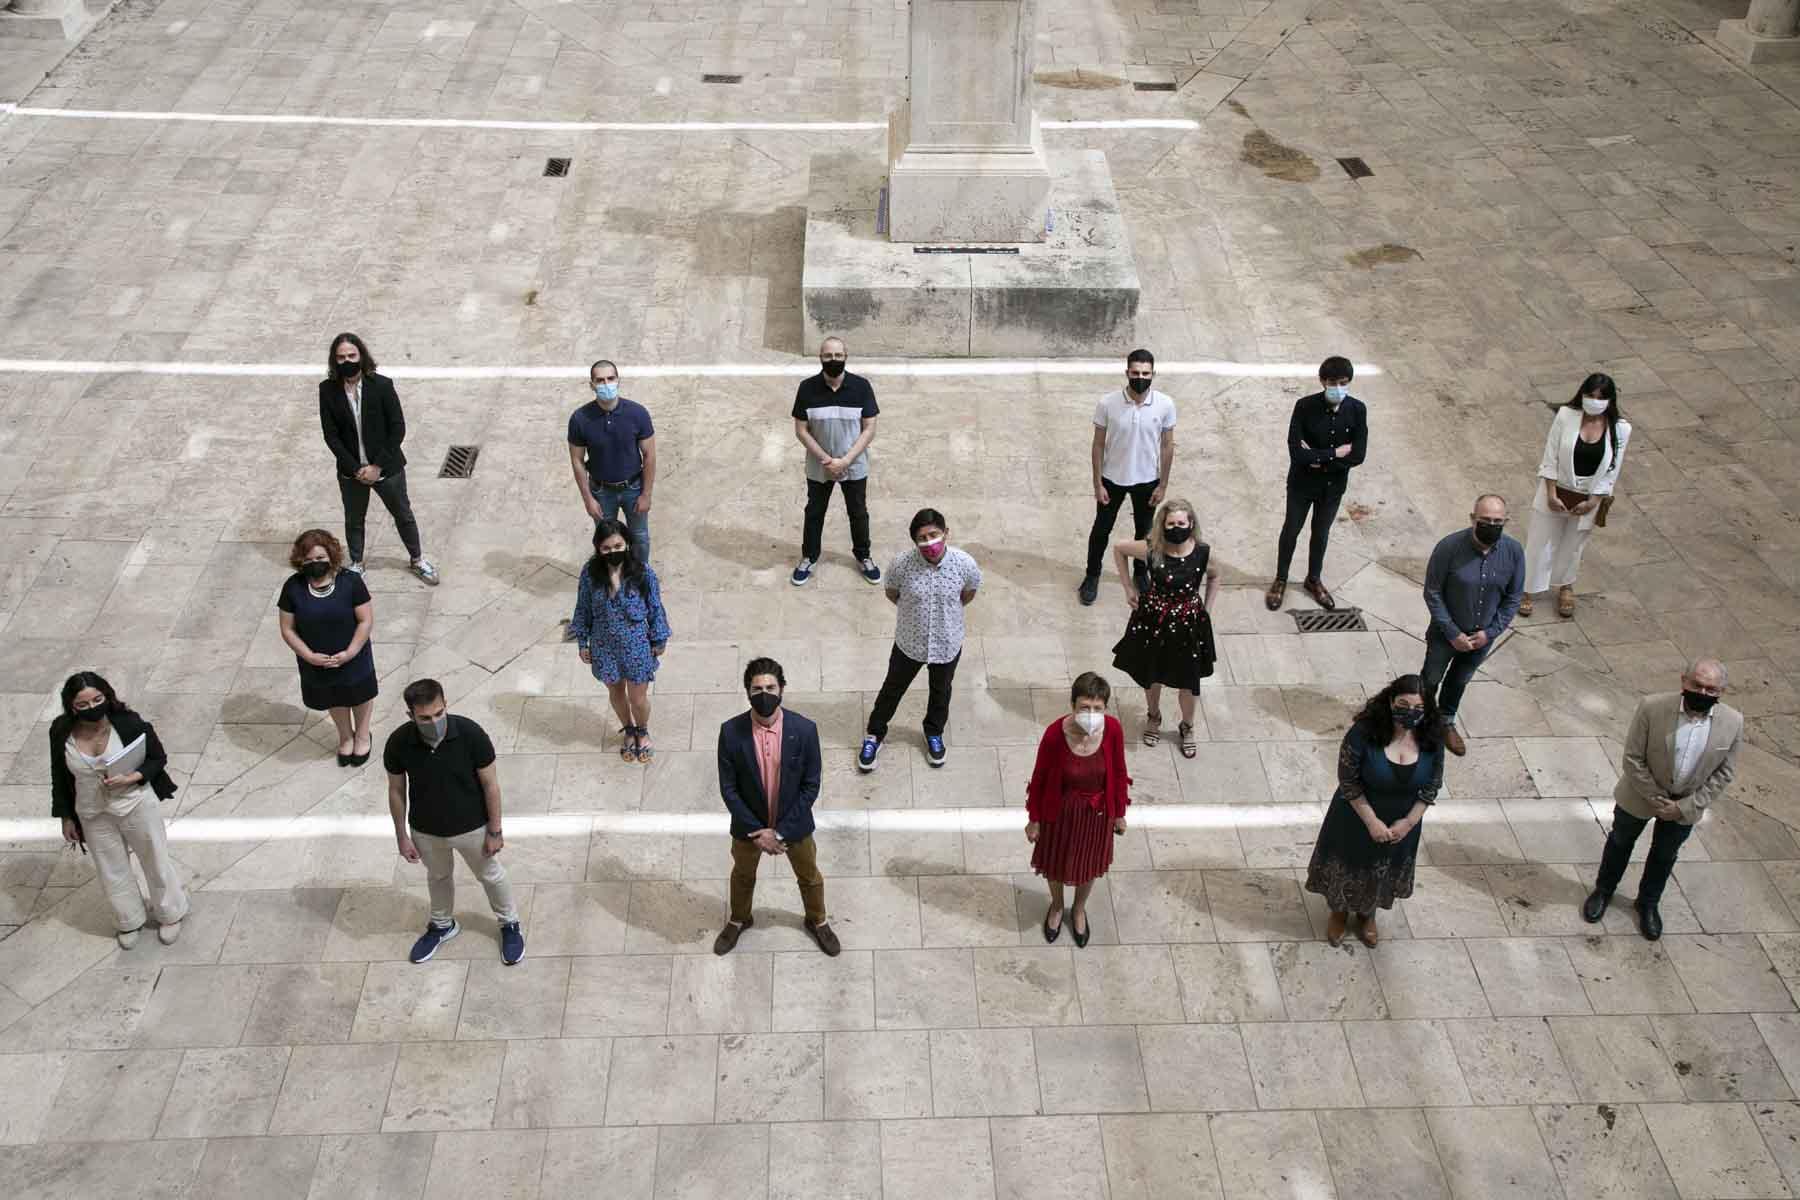 La Universitat de València finança amb més de 12.300 euros els huit projectes guanyadors de la convocatòria Activa Cultura